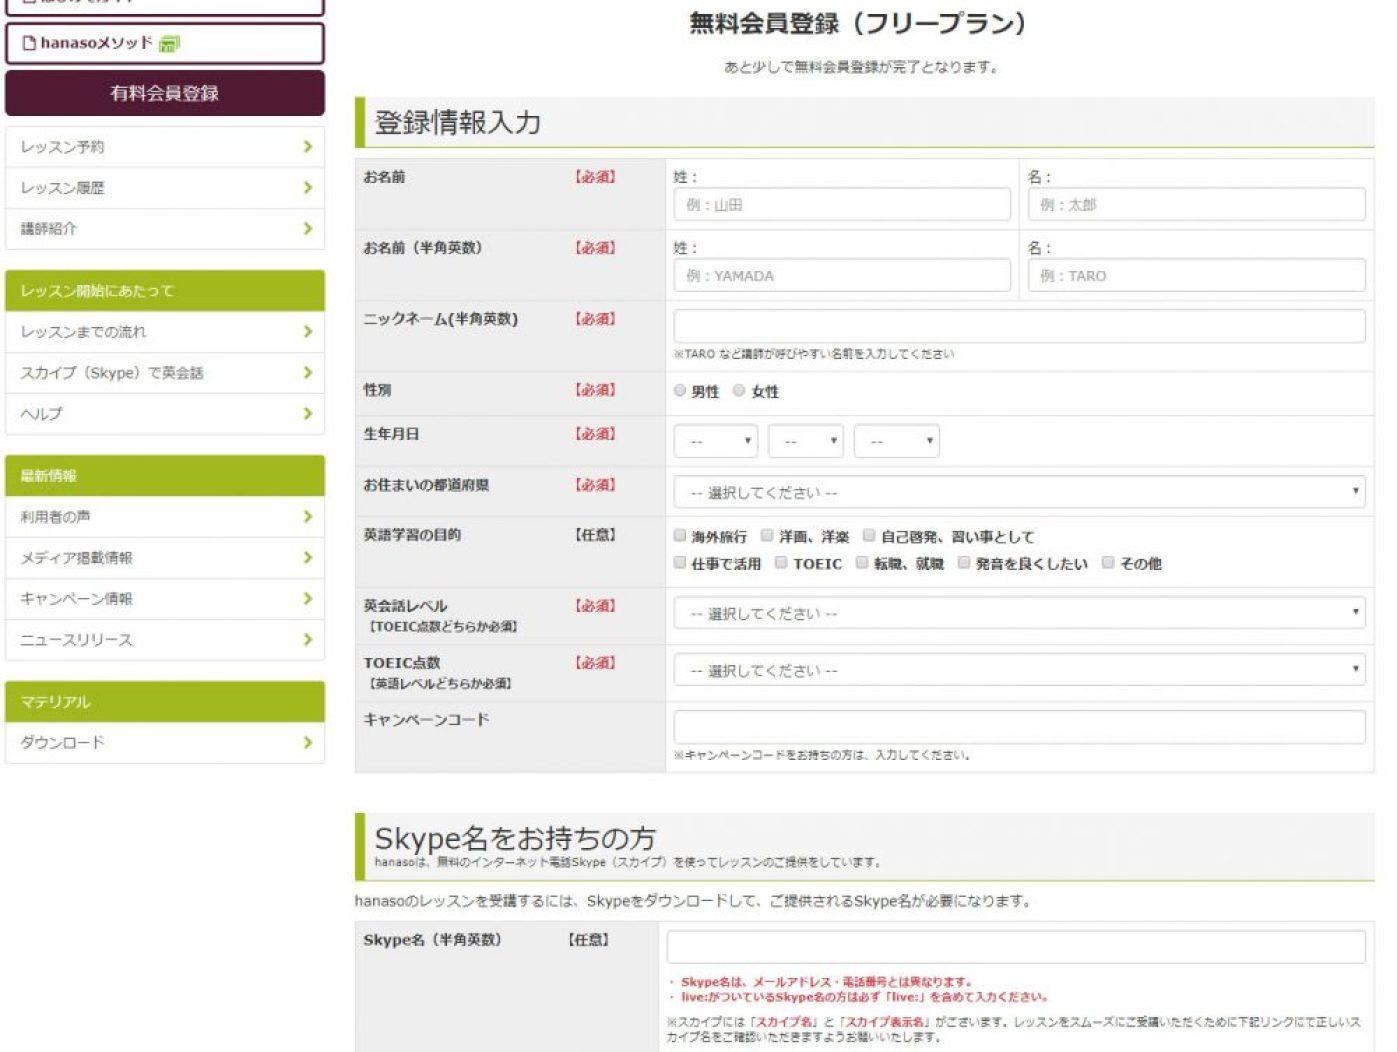 オンライン英会話hanasoの無料会員登録の画面